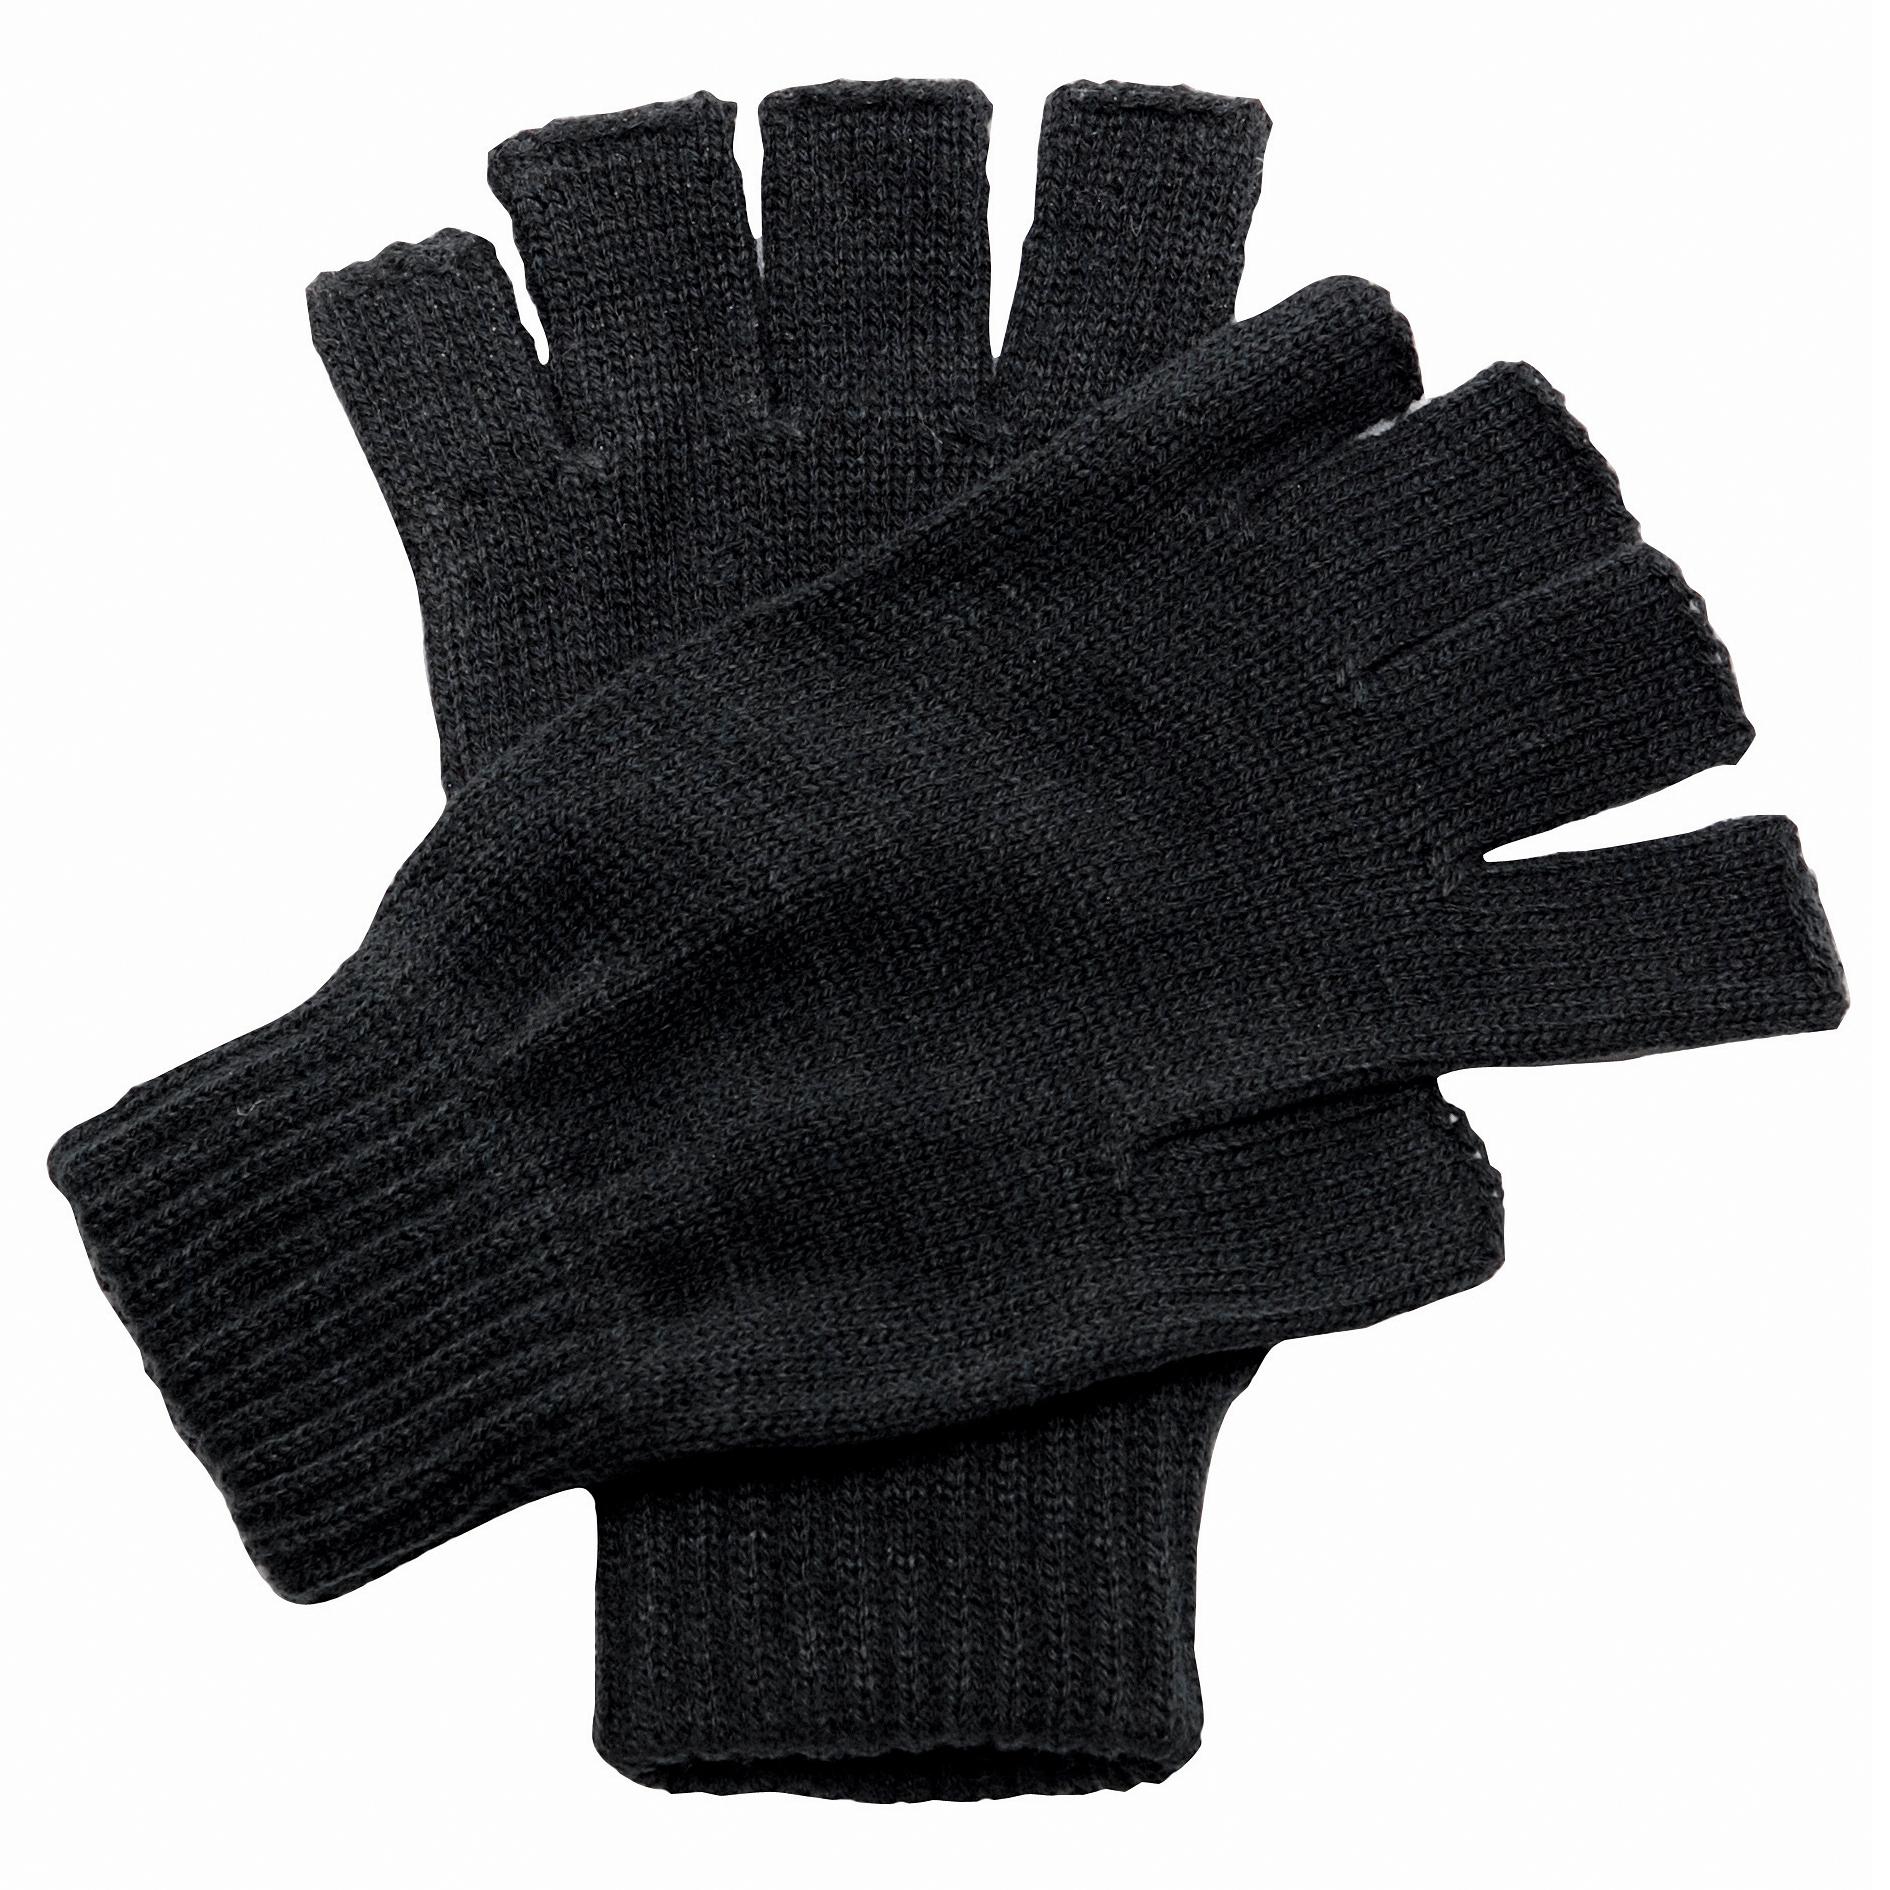 Regatta-Unisex-Fingerless-Mitts-Gloves-RW1249 thumbnail 4